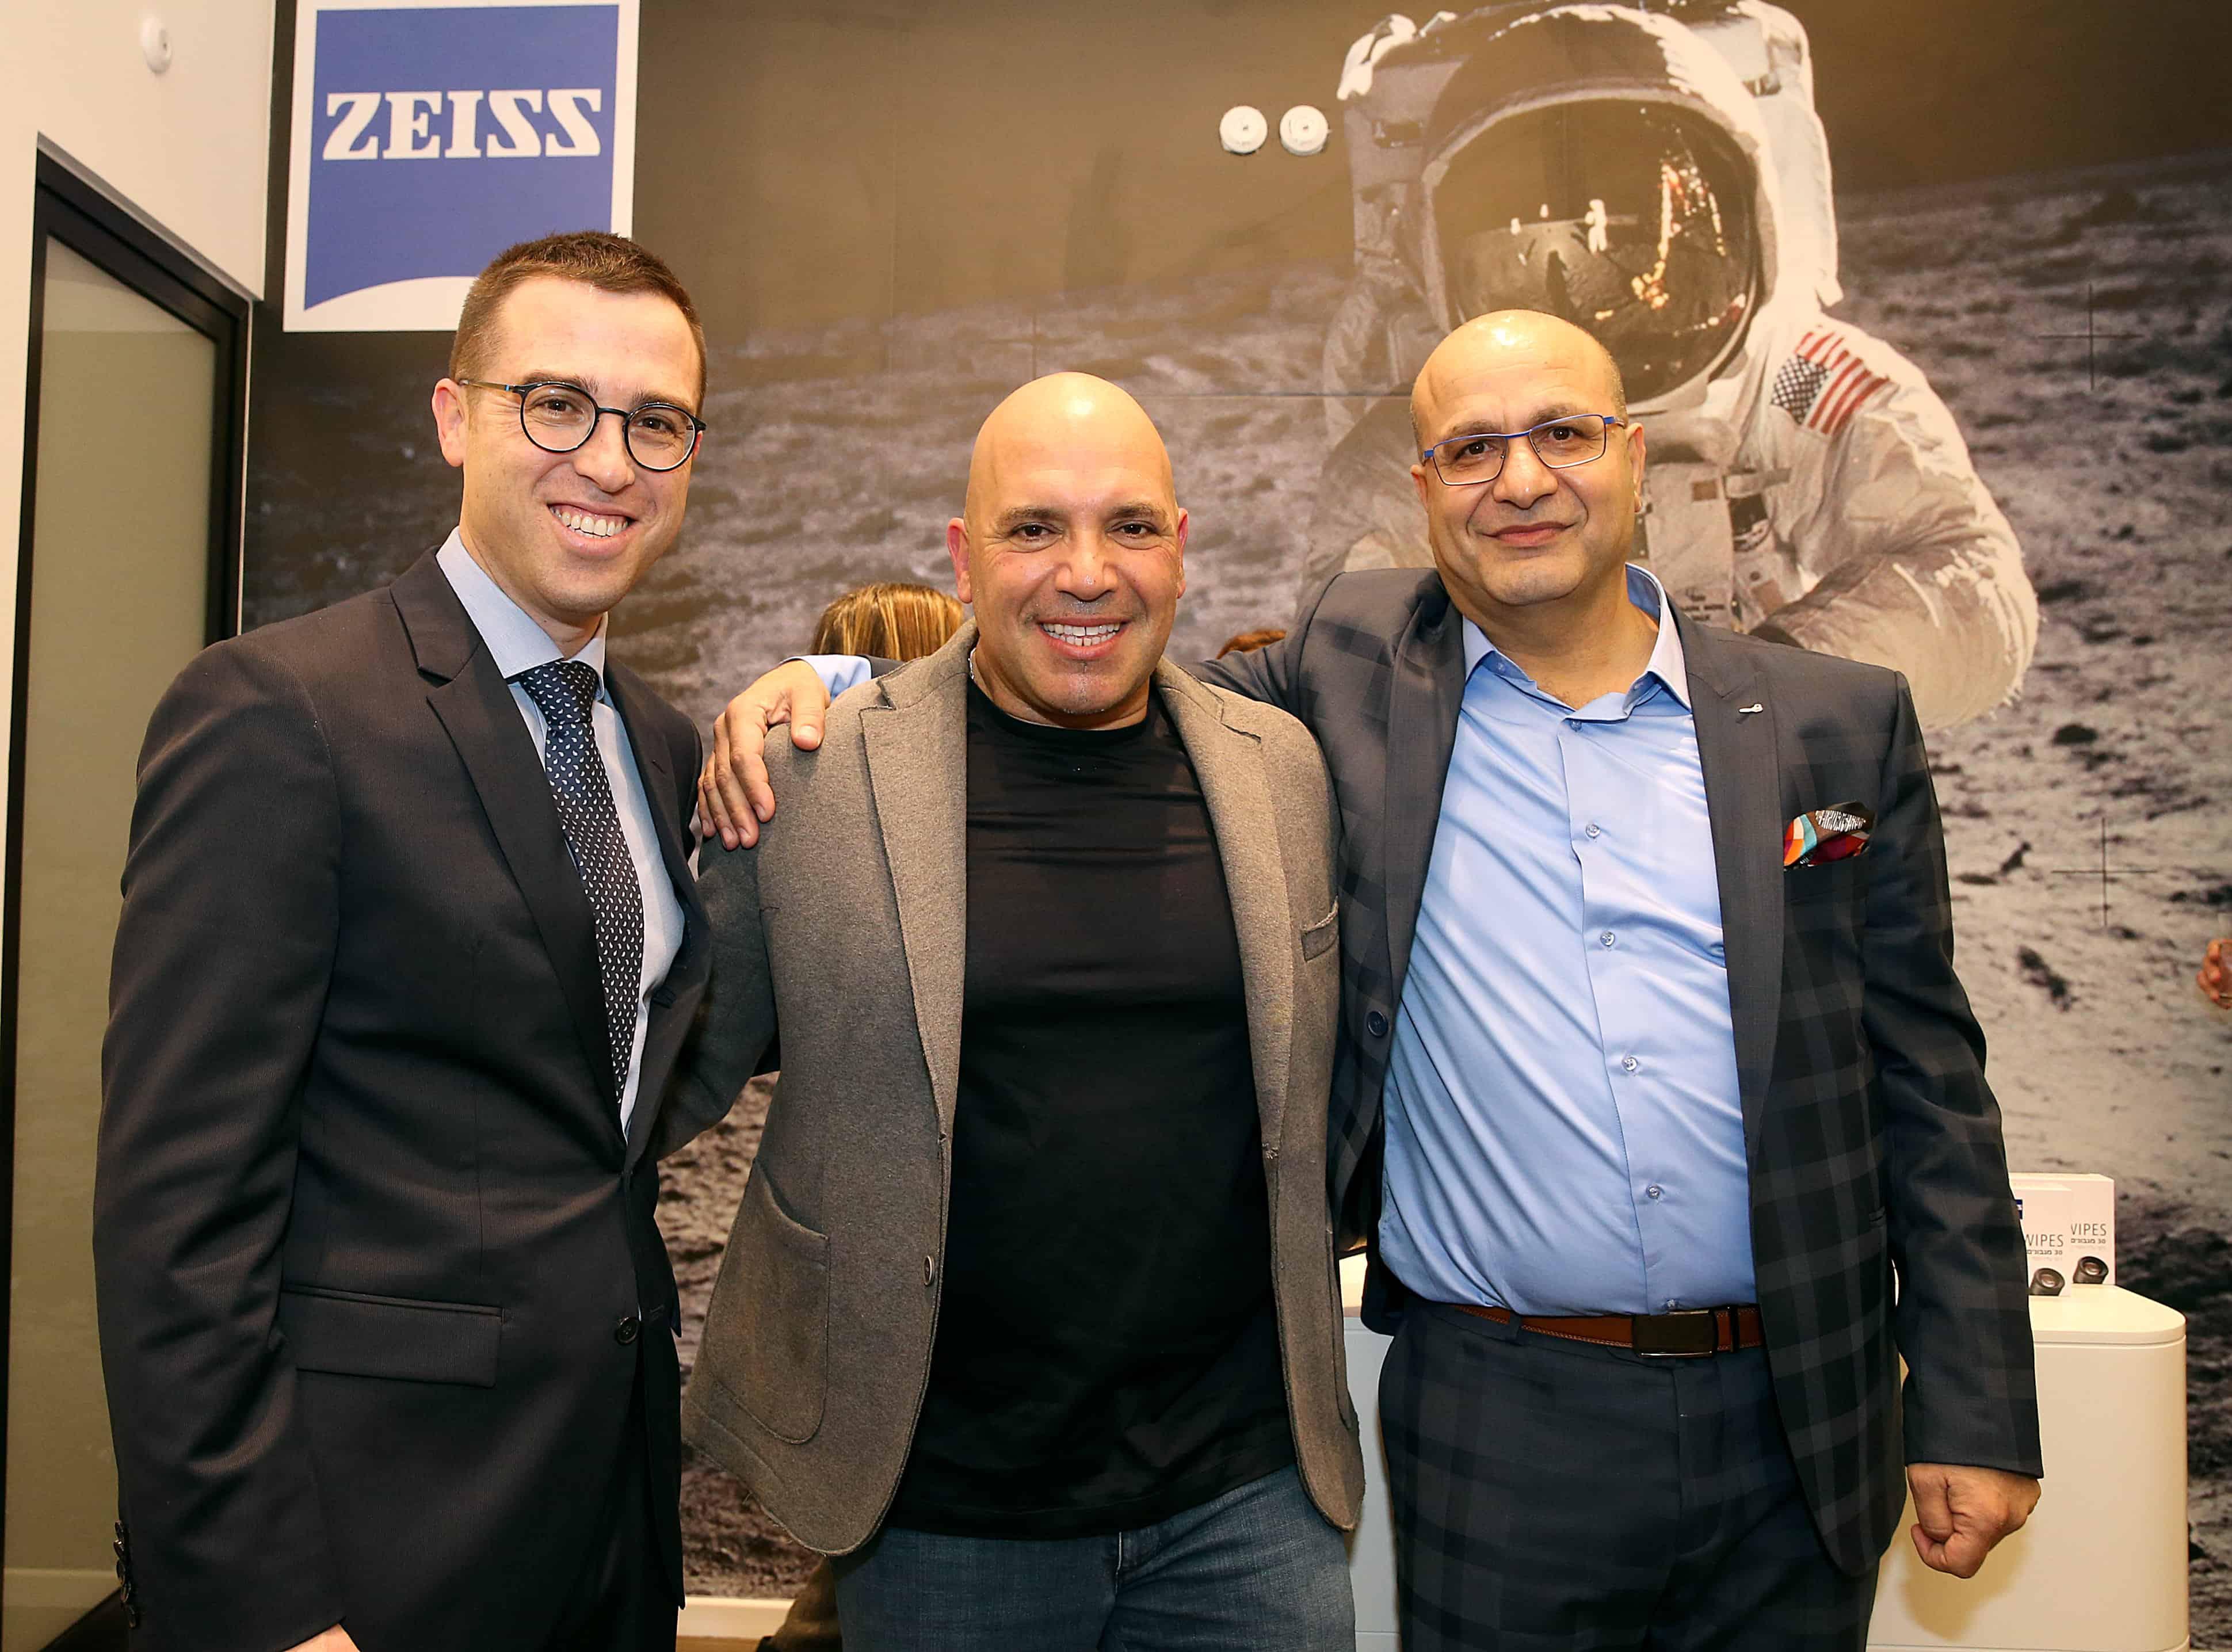 עבדאללה יזבק, בעל חנות הדגל צייס, מיקי שמו ואילן לפידות, מנכל קבוצת לפידות. צילום קוקו